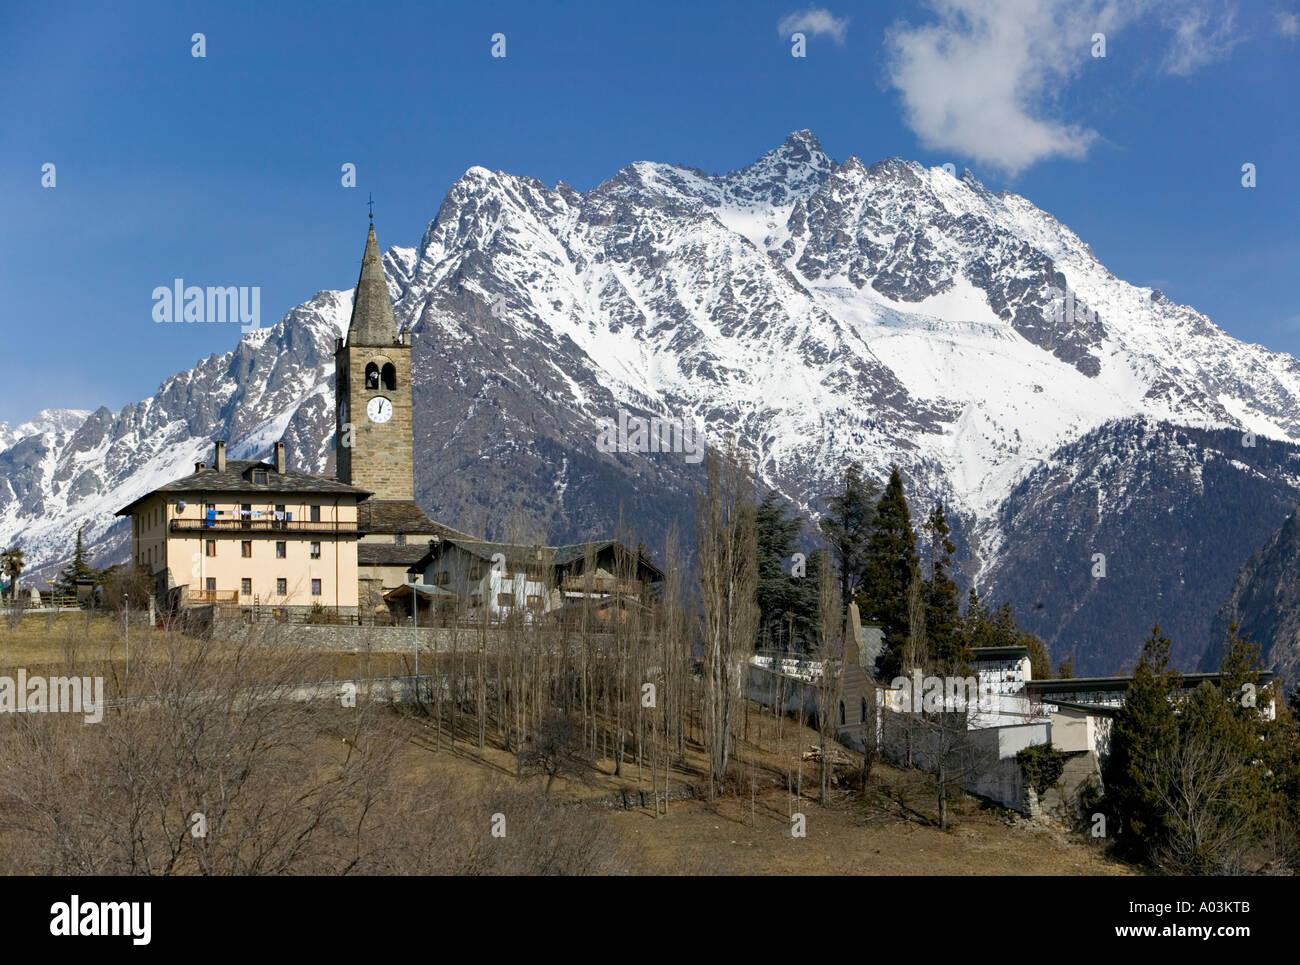 Gignod, San Bernardo Pass, Valle d'Aosta, Italy - Stock Image